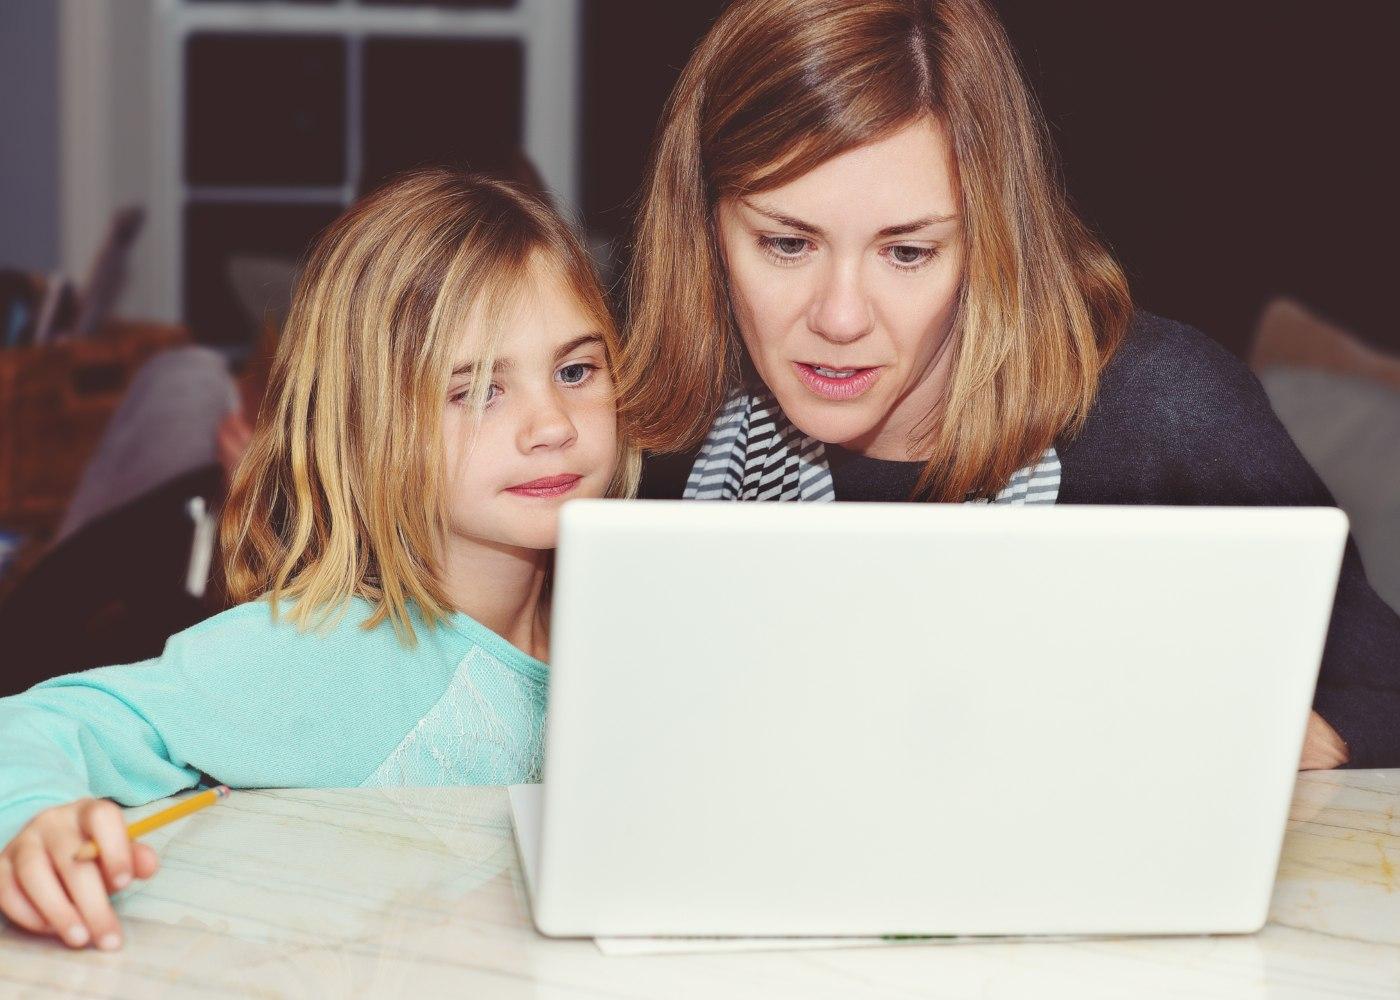 mãe a ajudar filho nos trabalhos da escola e a arranjar motivação para estudar